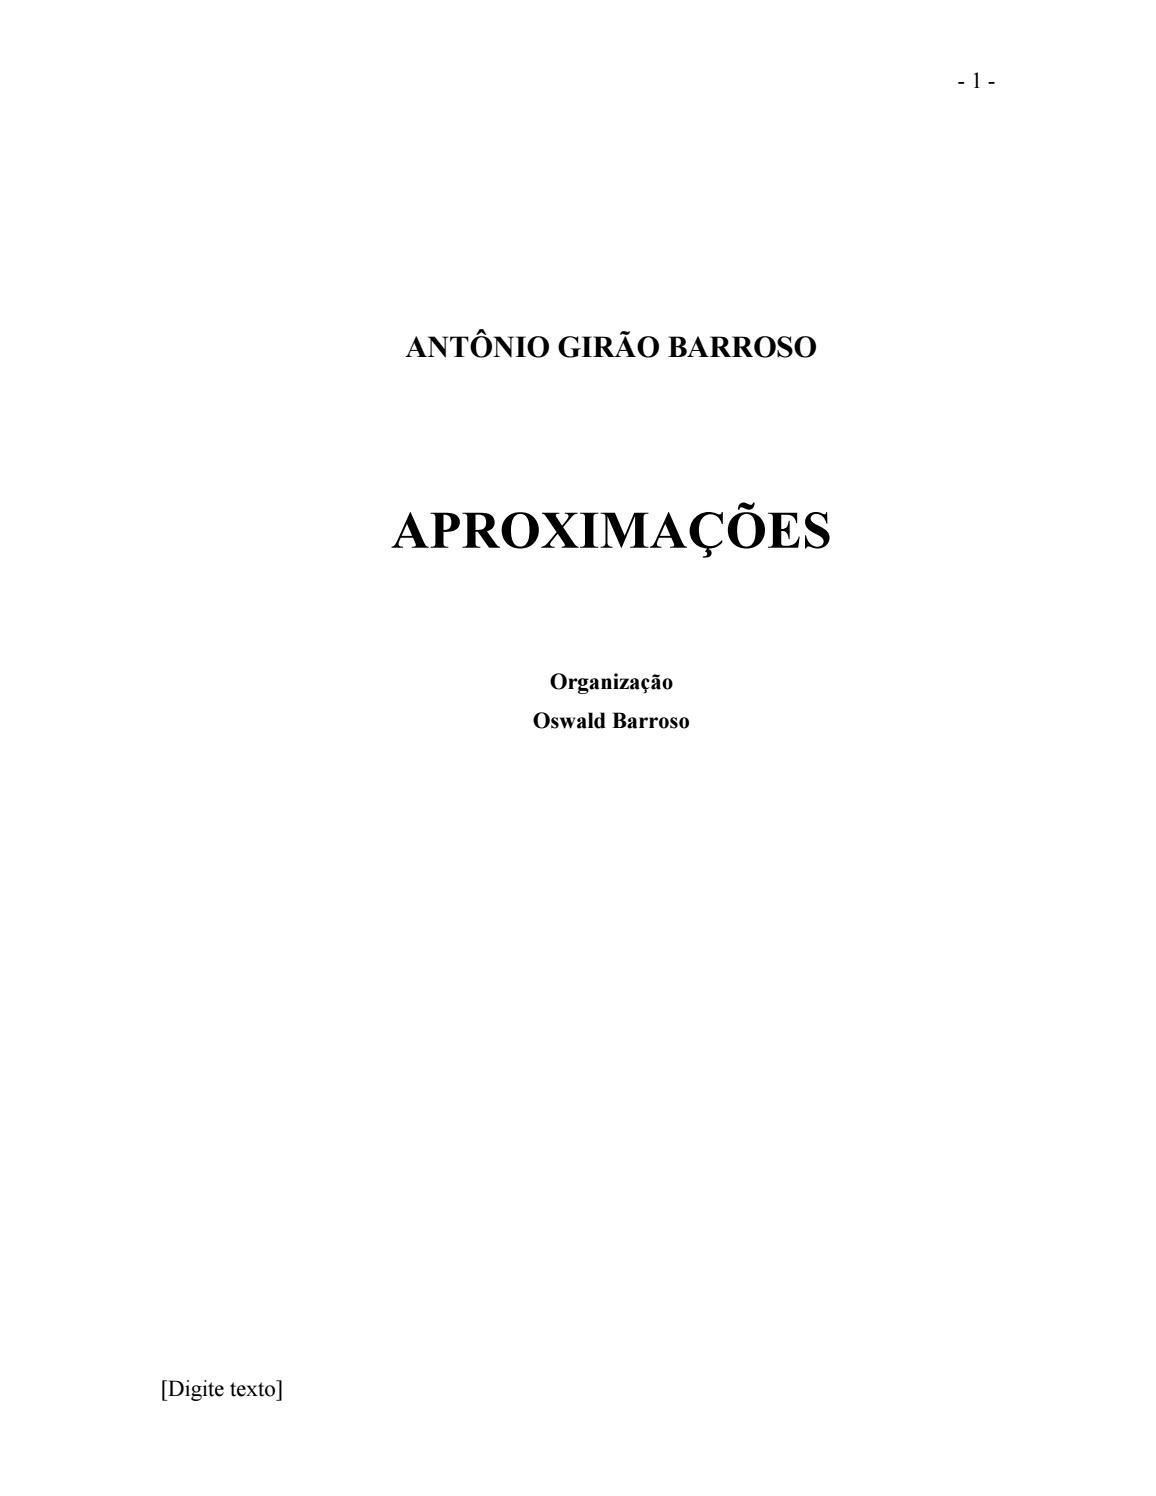 Aproximacoes Versao Texto By Myreika Falcao Issuu